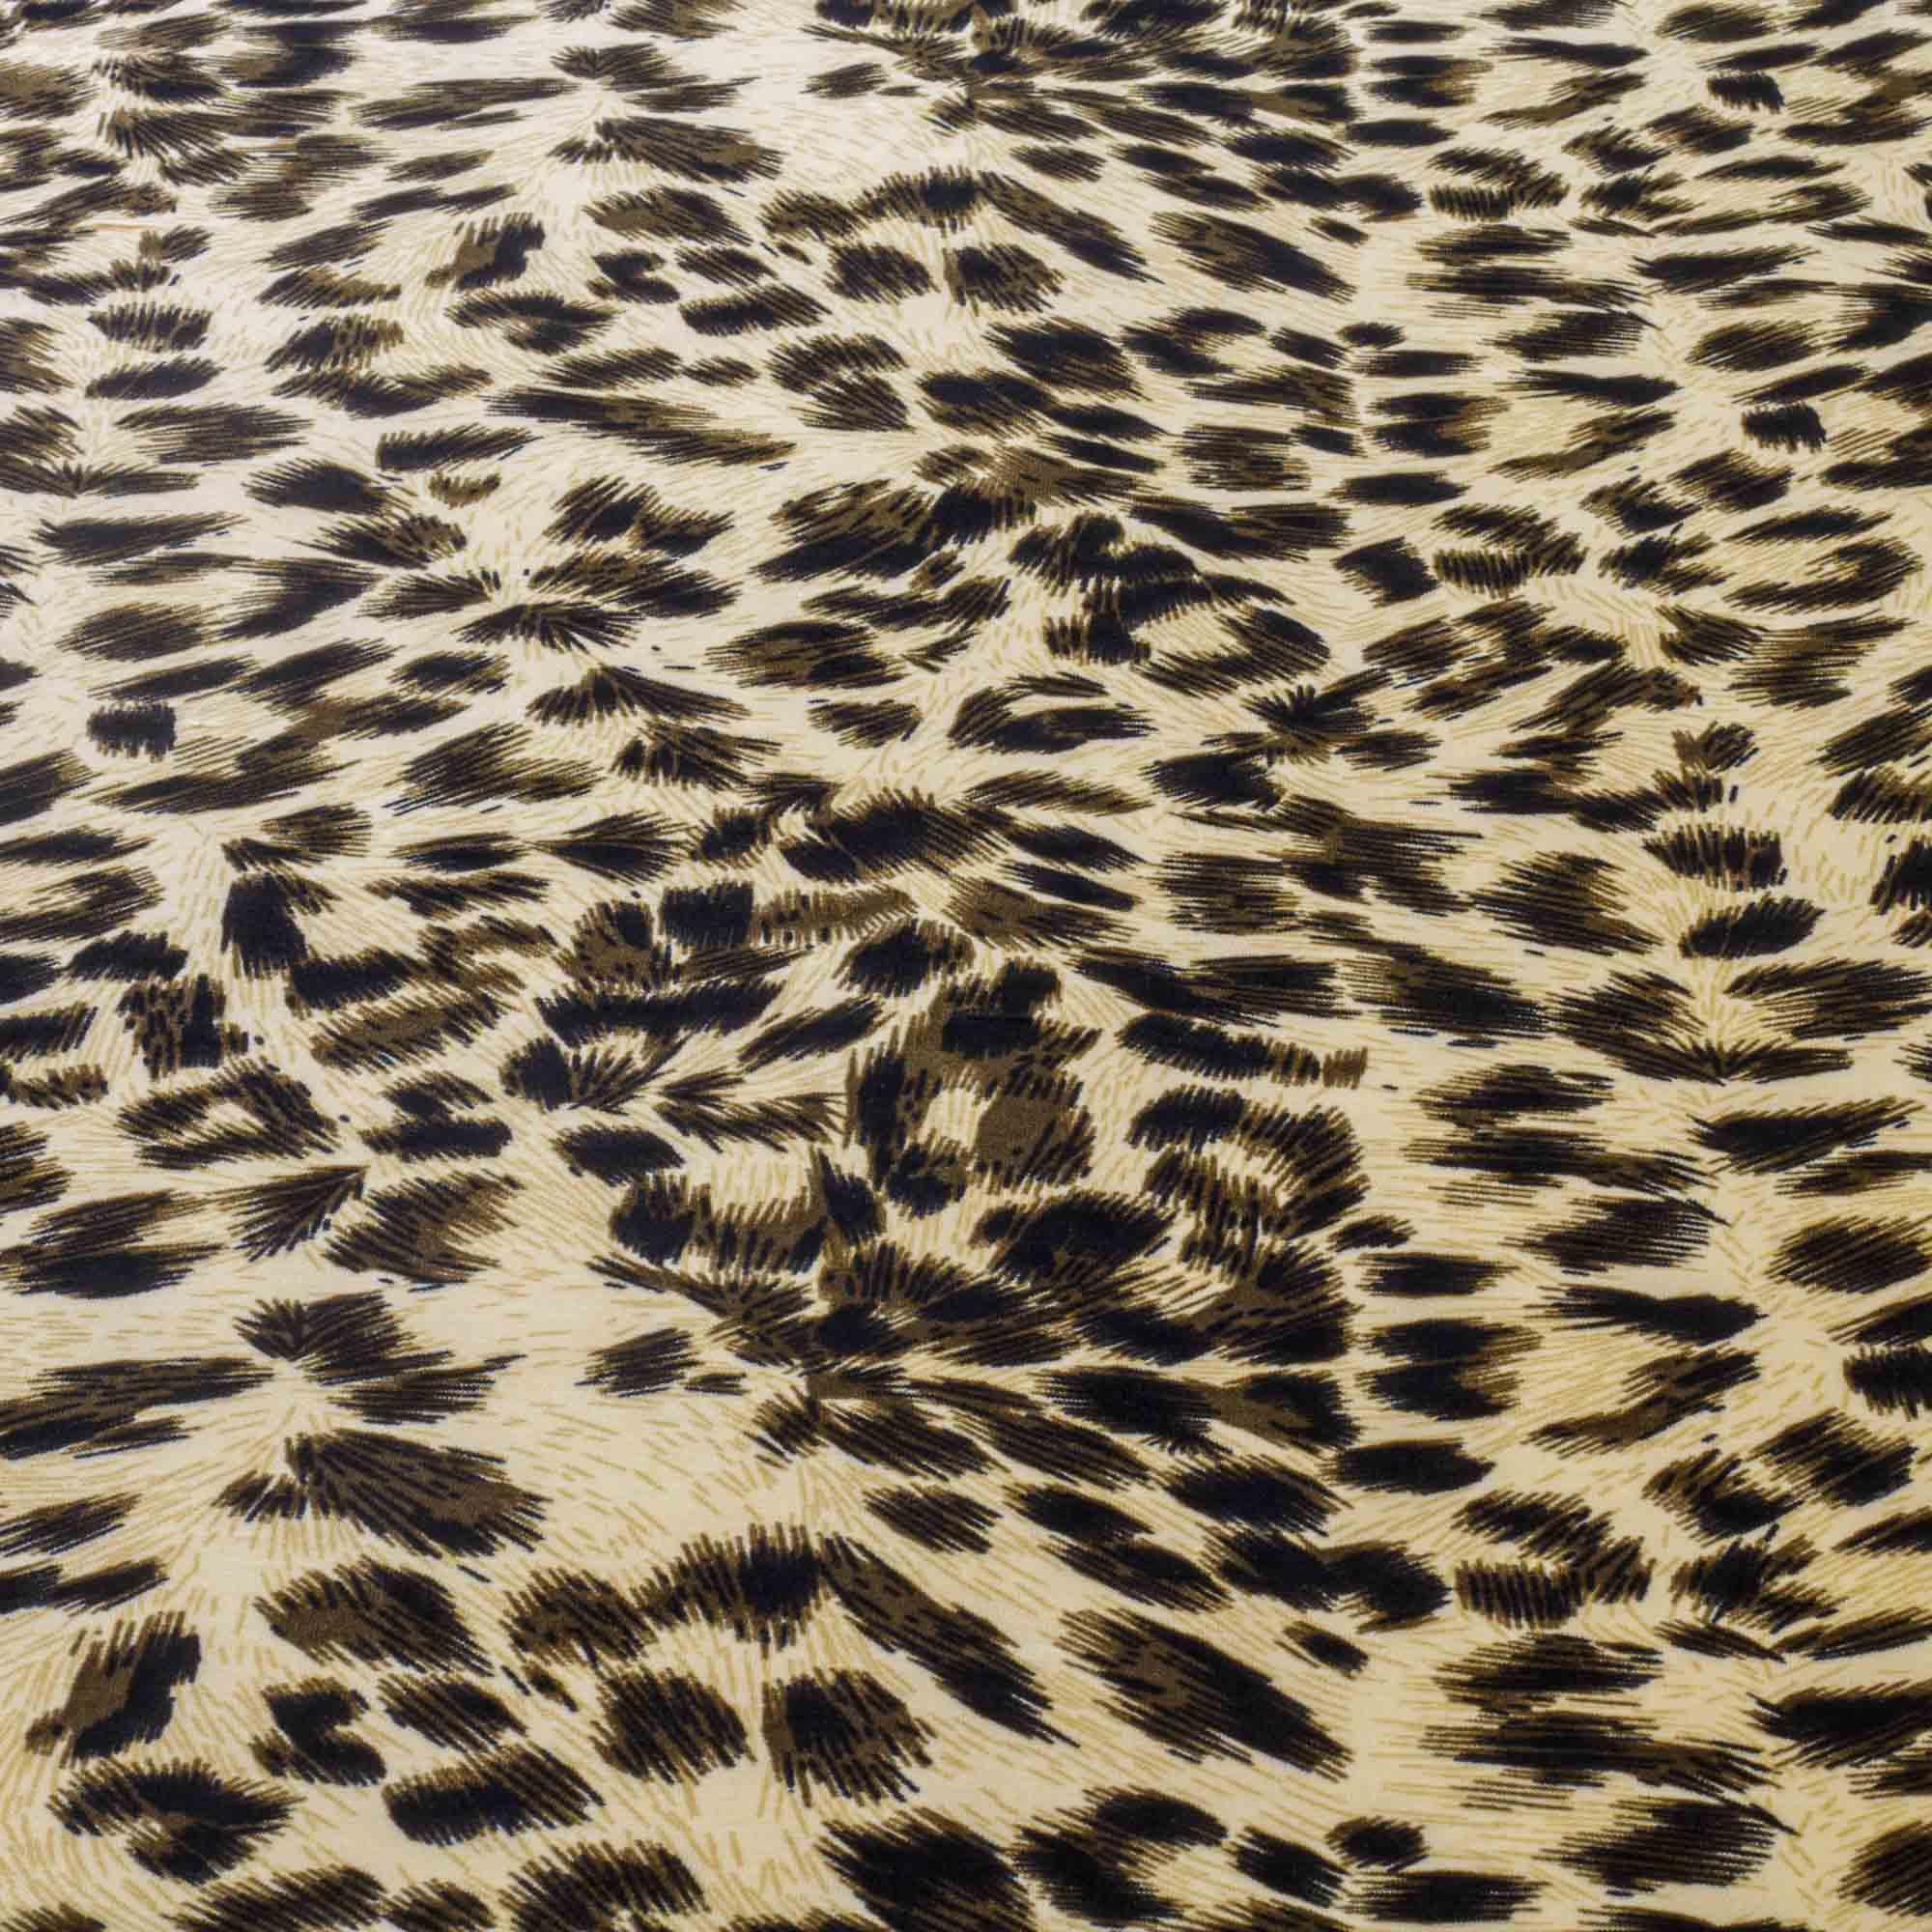 Tecido Malha Liganete Estampada Pele 96% Poliester 4% Elastano 1,50 Mt Largura Amarelo/Cd